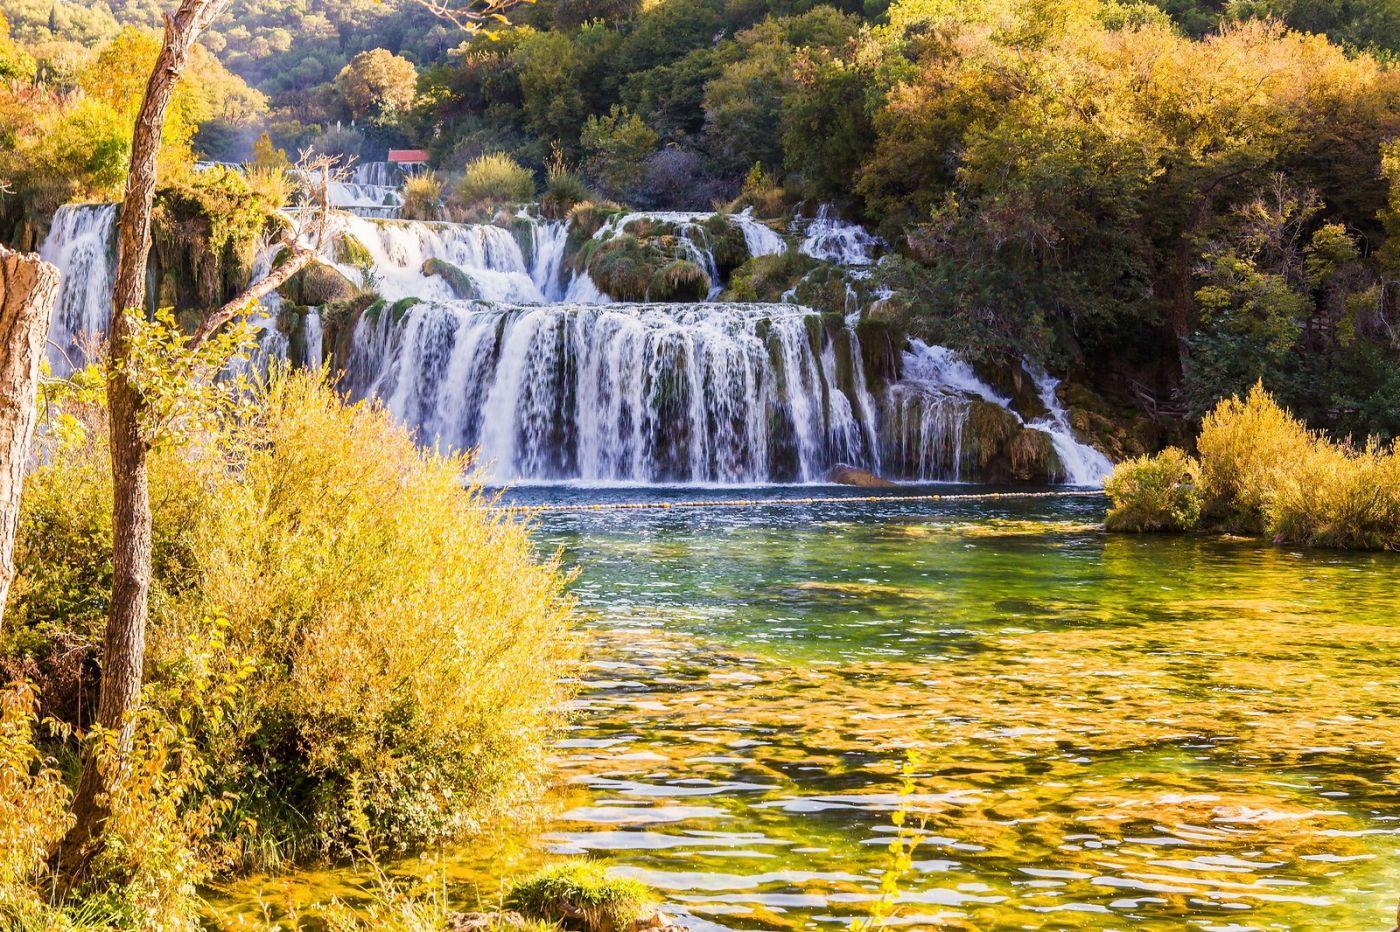 克罗地亚克尔卡国家公园(Krka National Park),瀑布瀑布瀑布_图1-16